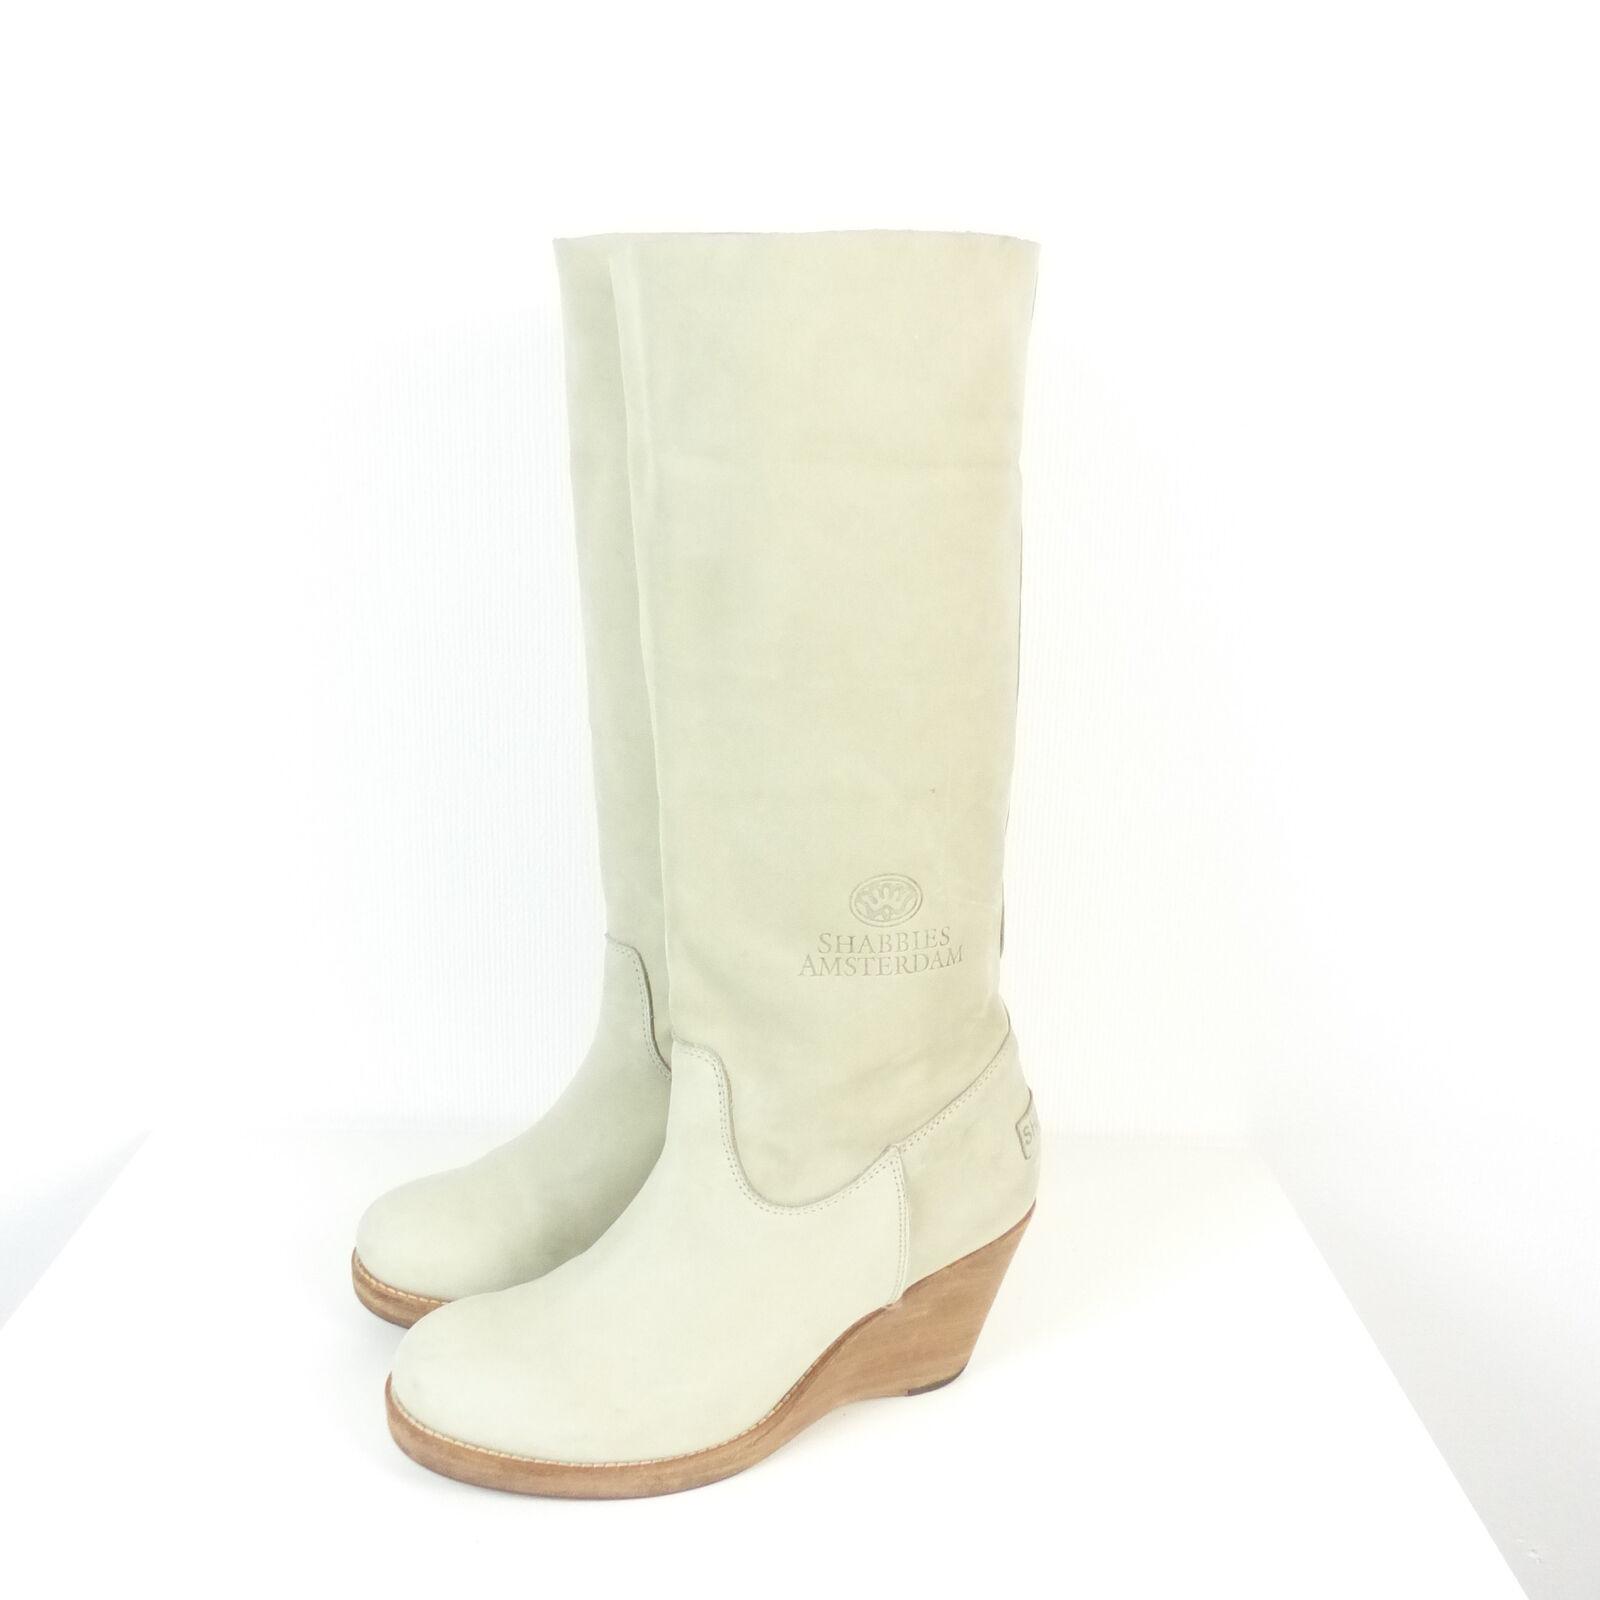 SHABBIES AMSTERDAM Stiefel Kleilabsatz Wedges Boots grey Gr. EUR 38 (N64)